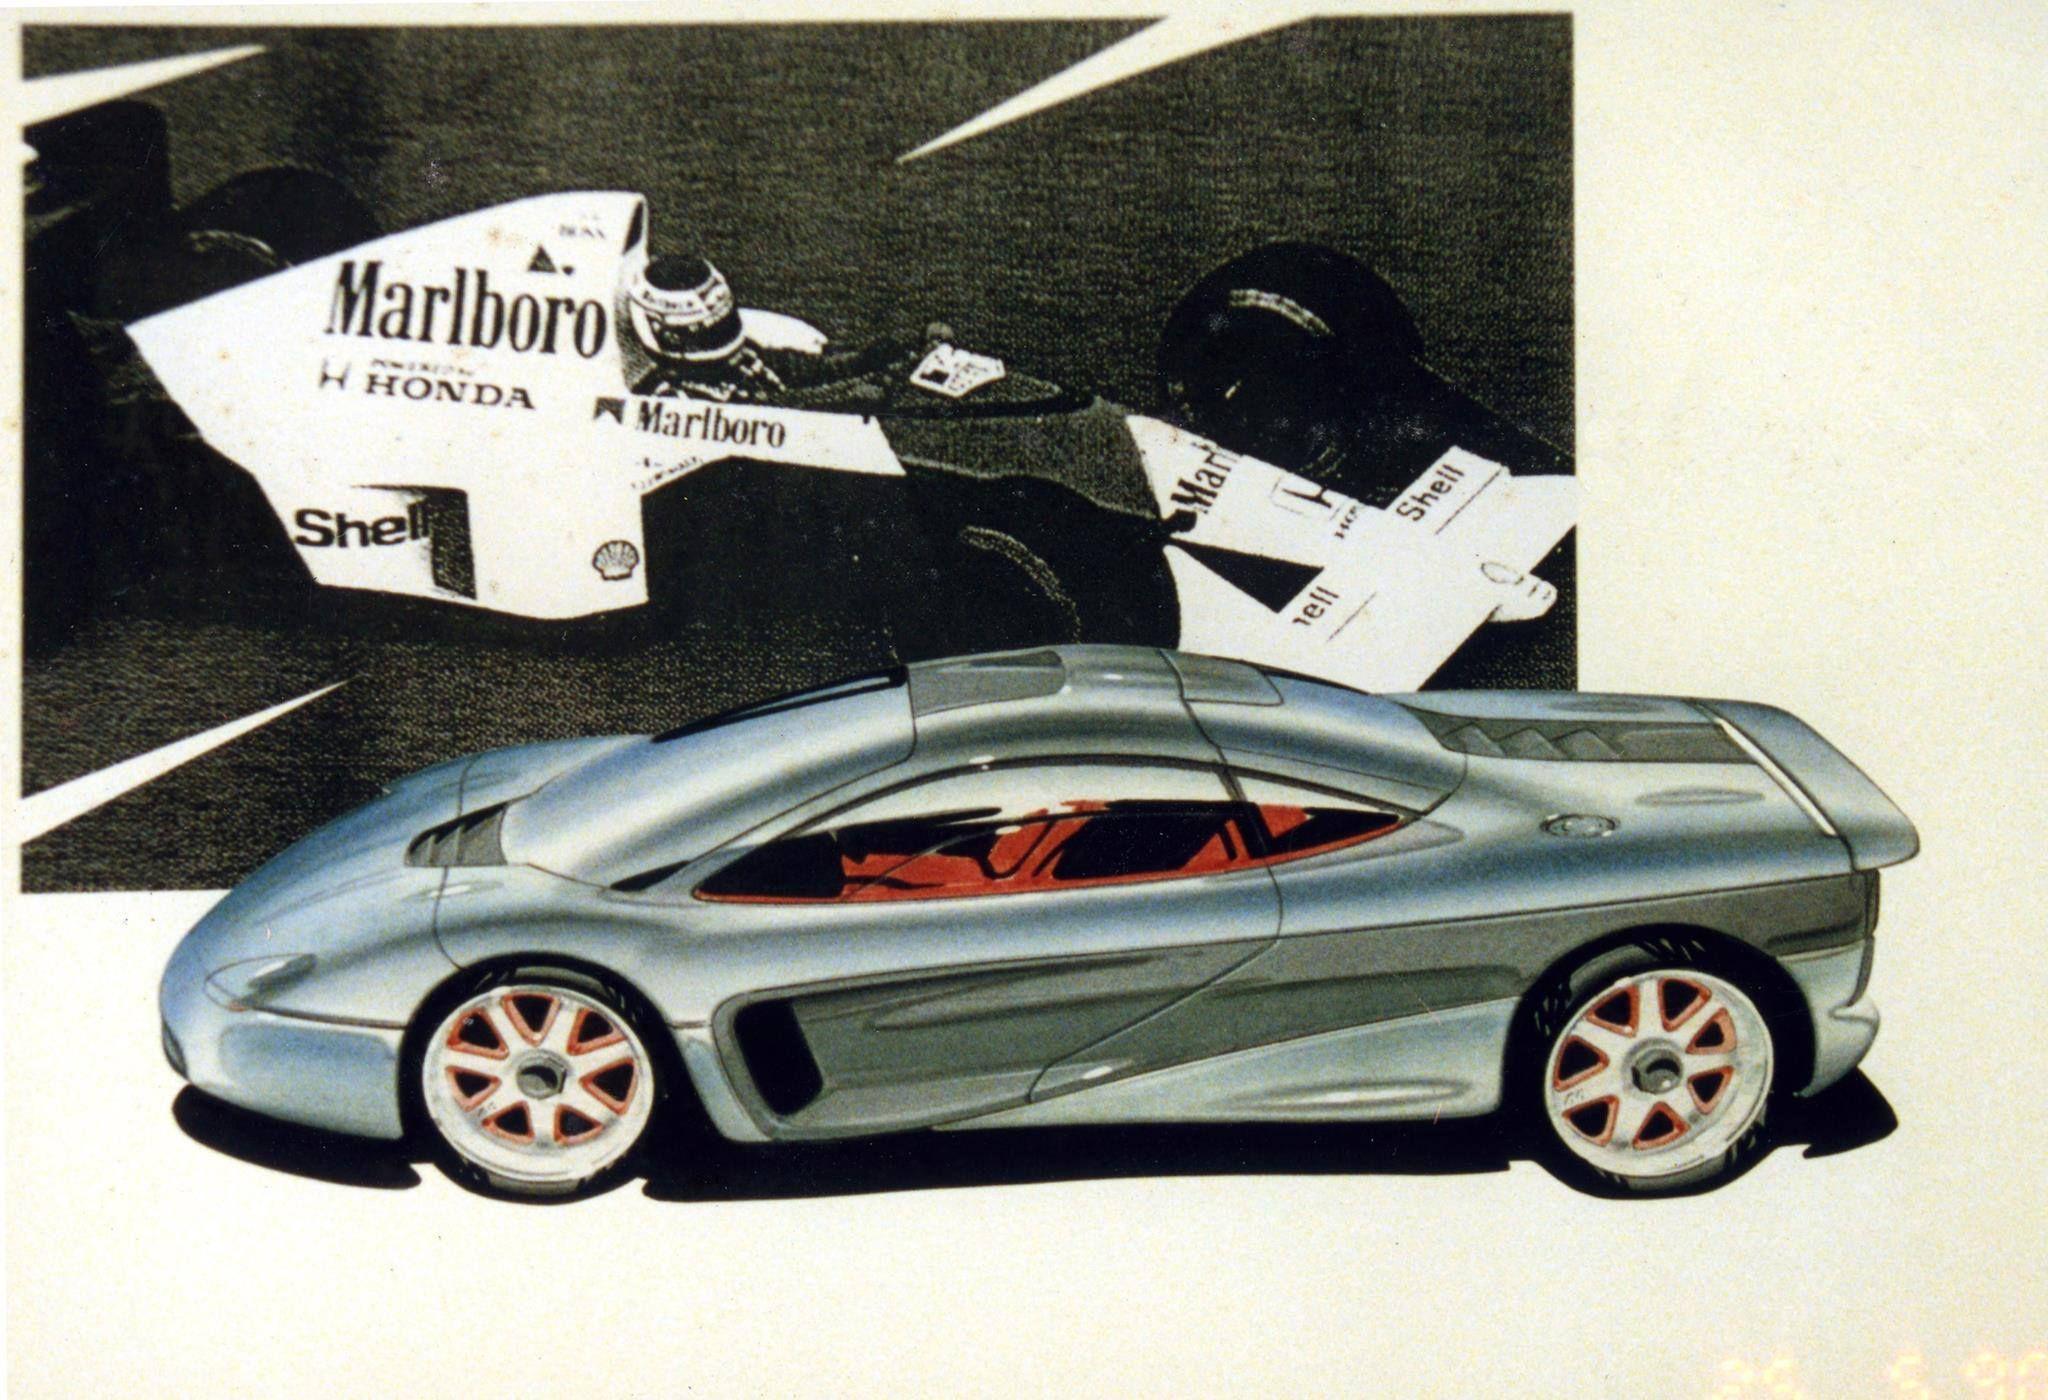 Classic Peter Stevens Mclaren F1 Automotive Design Concept Cars Automotive Design Sketch